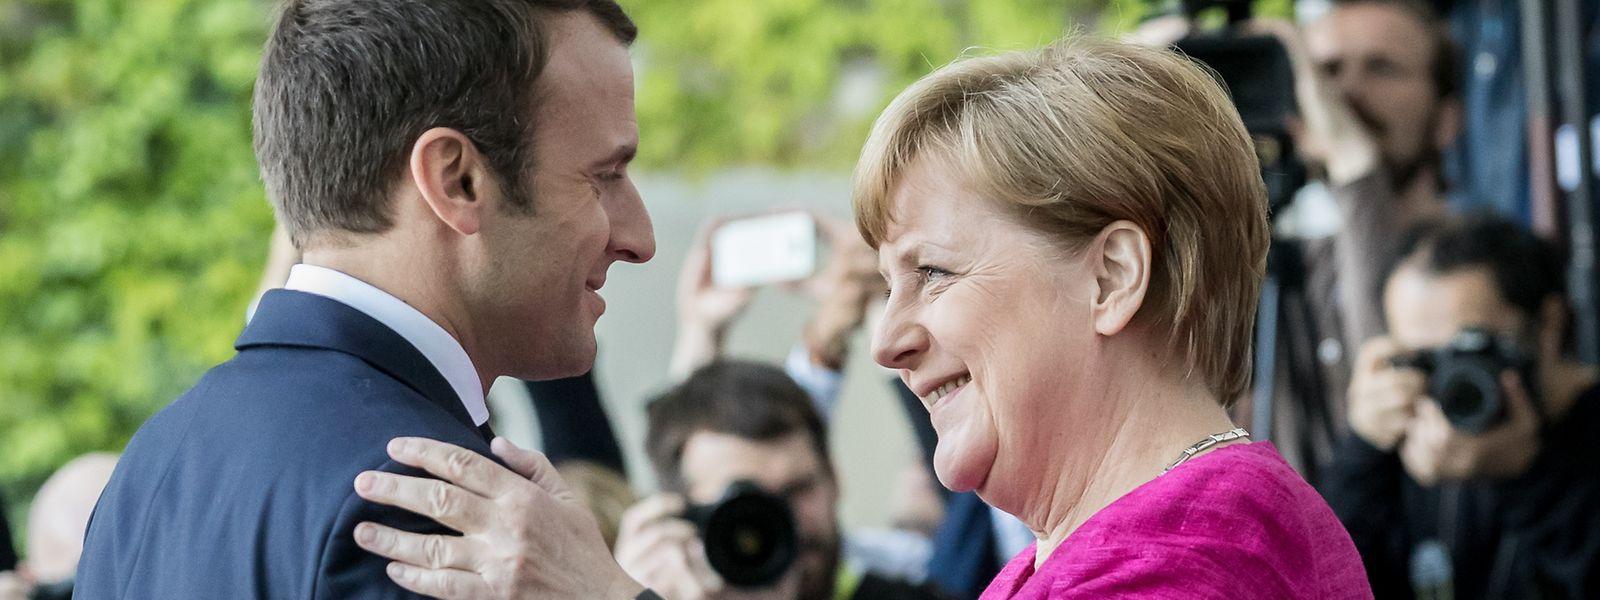 Bundeskanzlerin Angela Merkel 2017 mit dem französischen Präsidenten Emmanuel Macron.